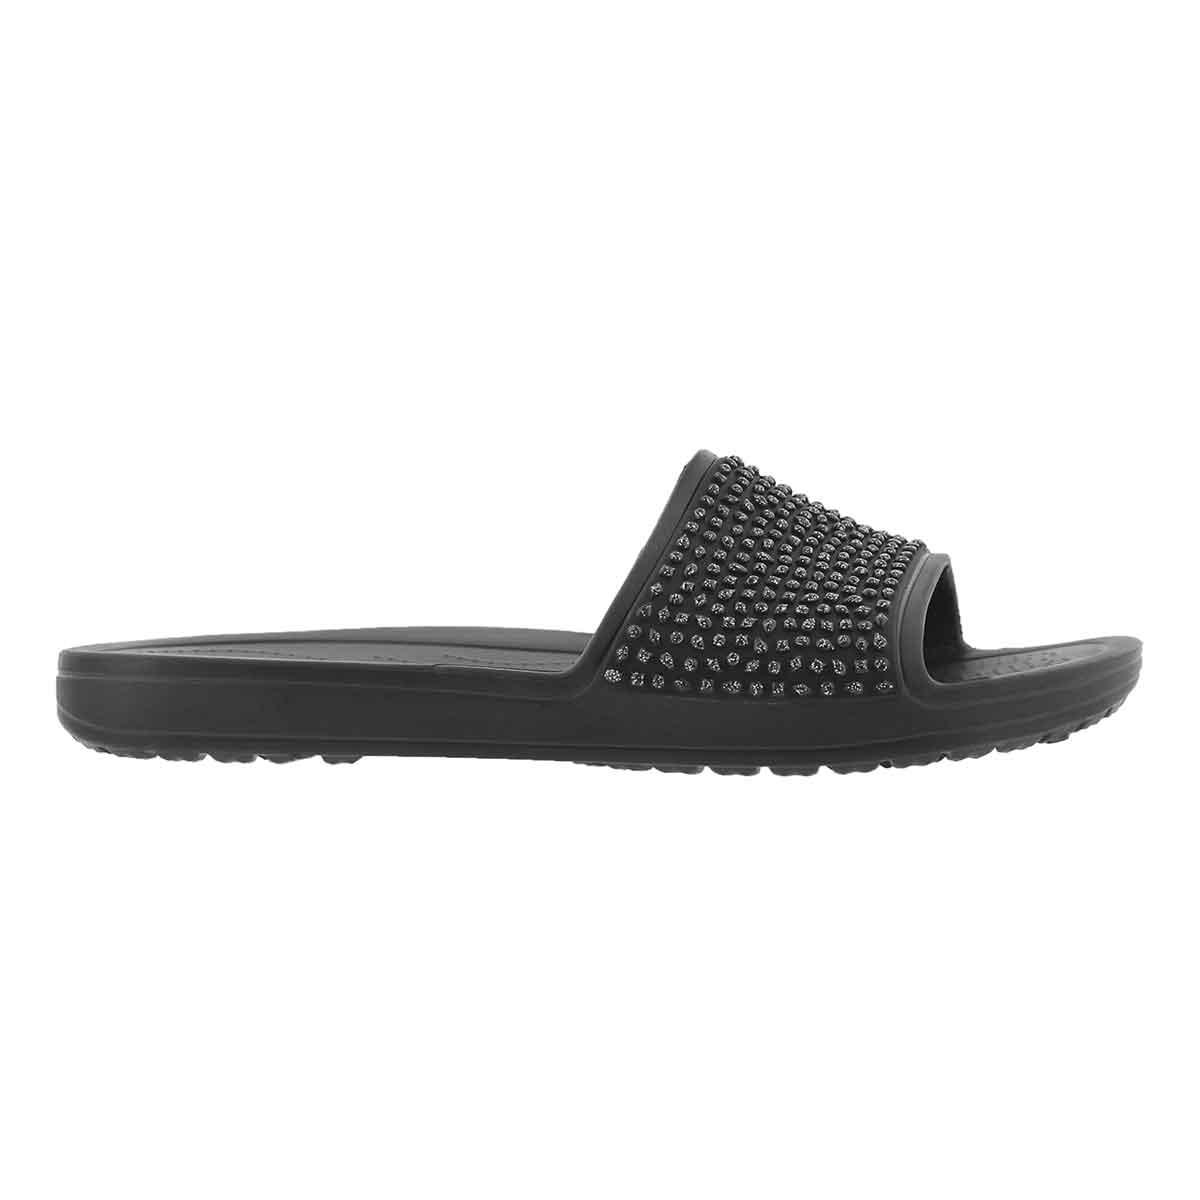 Lds Sloane Embellished blk/blk sandal